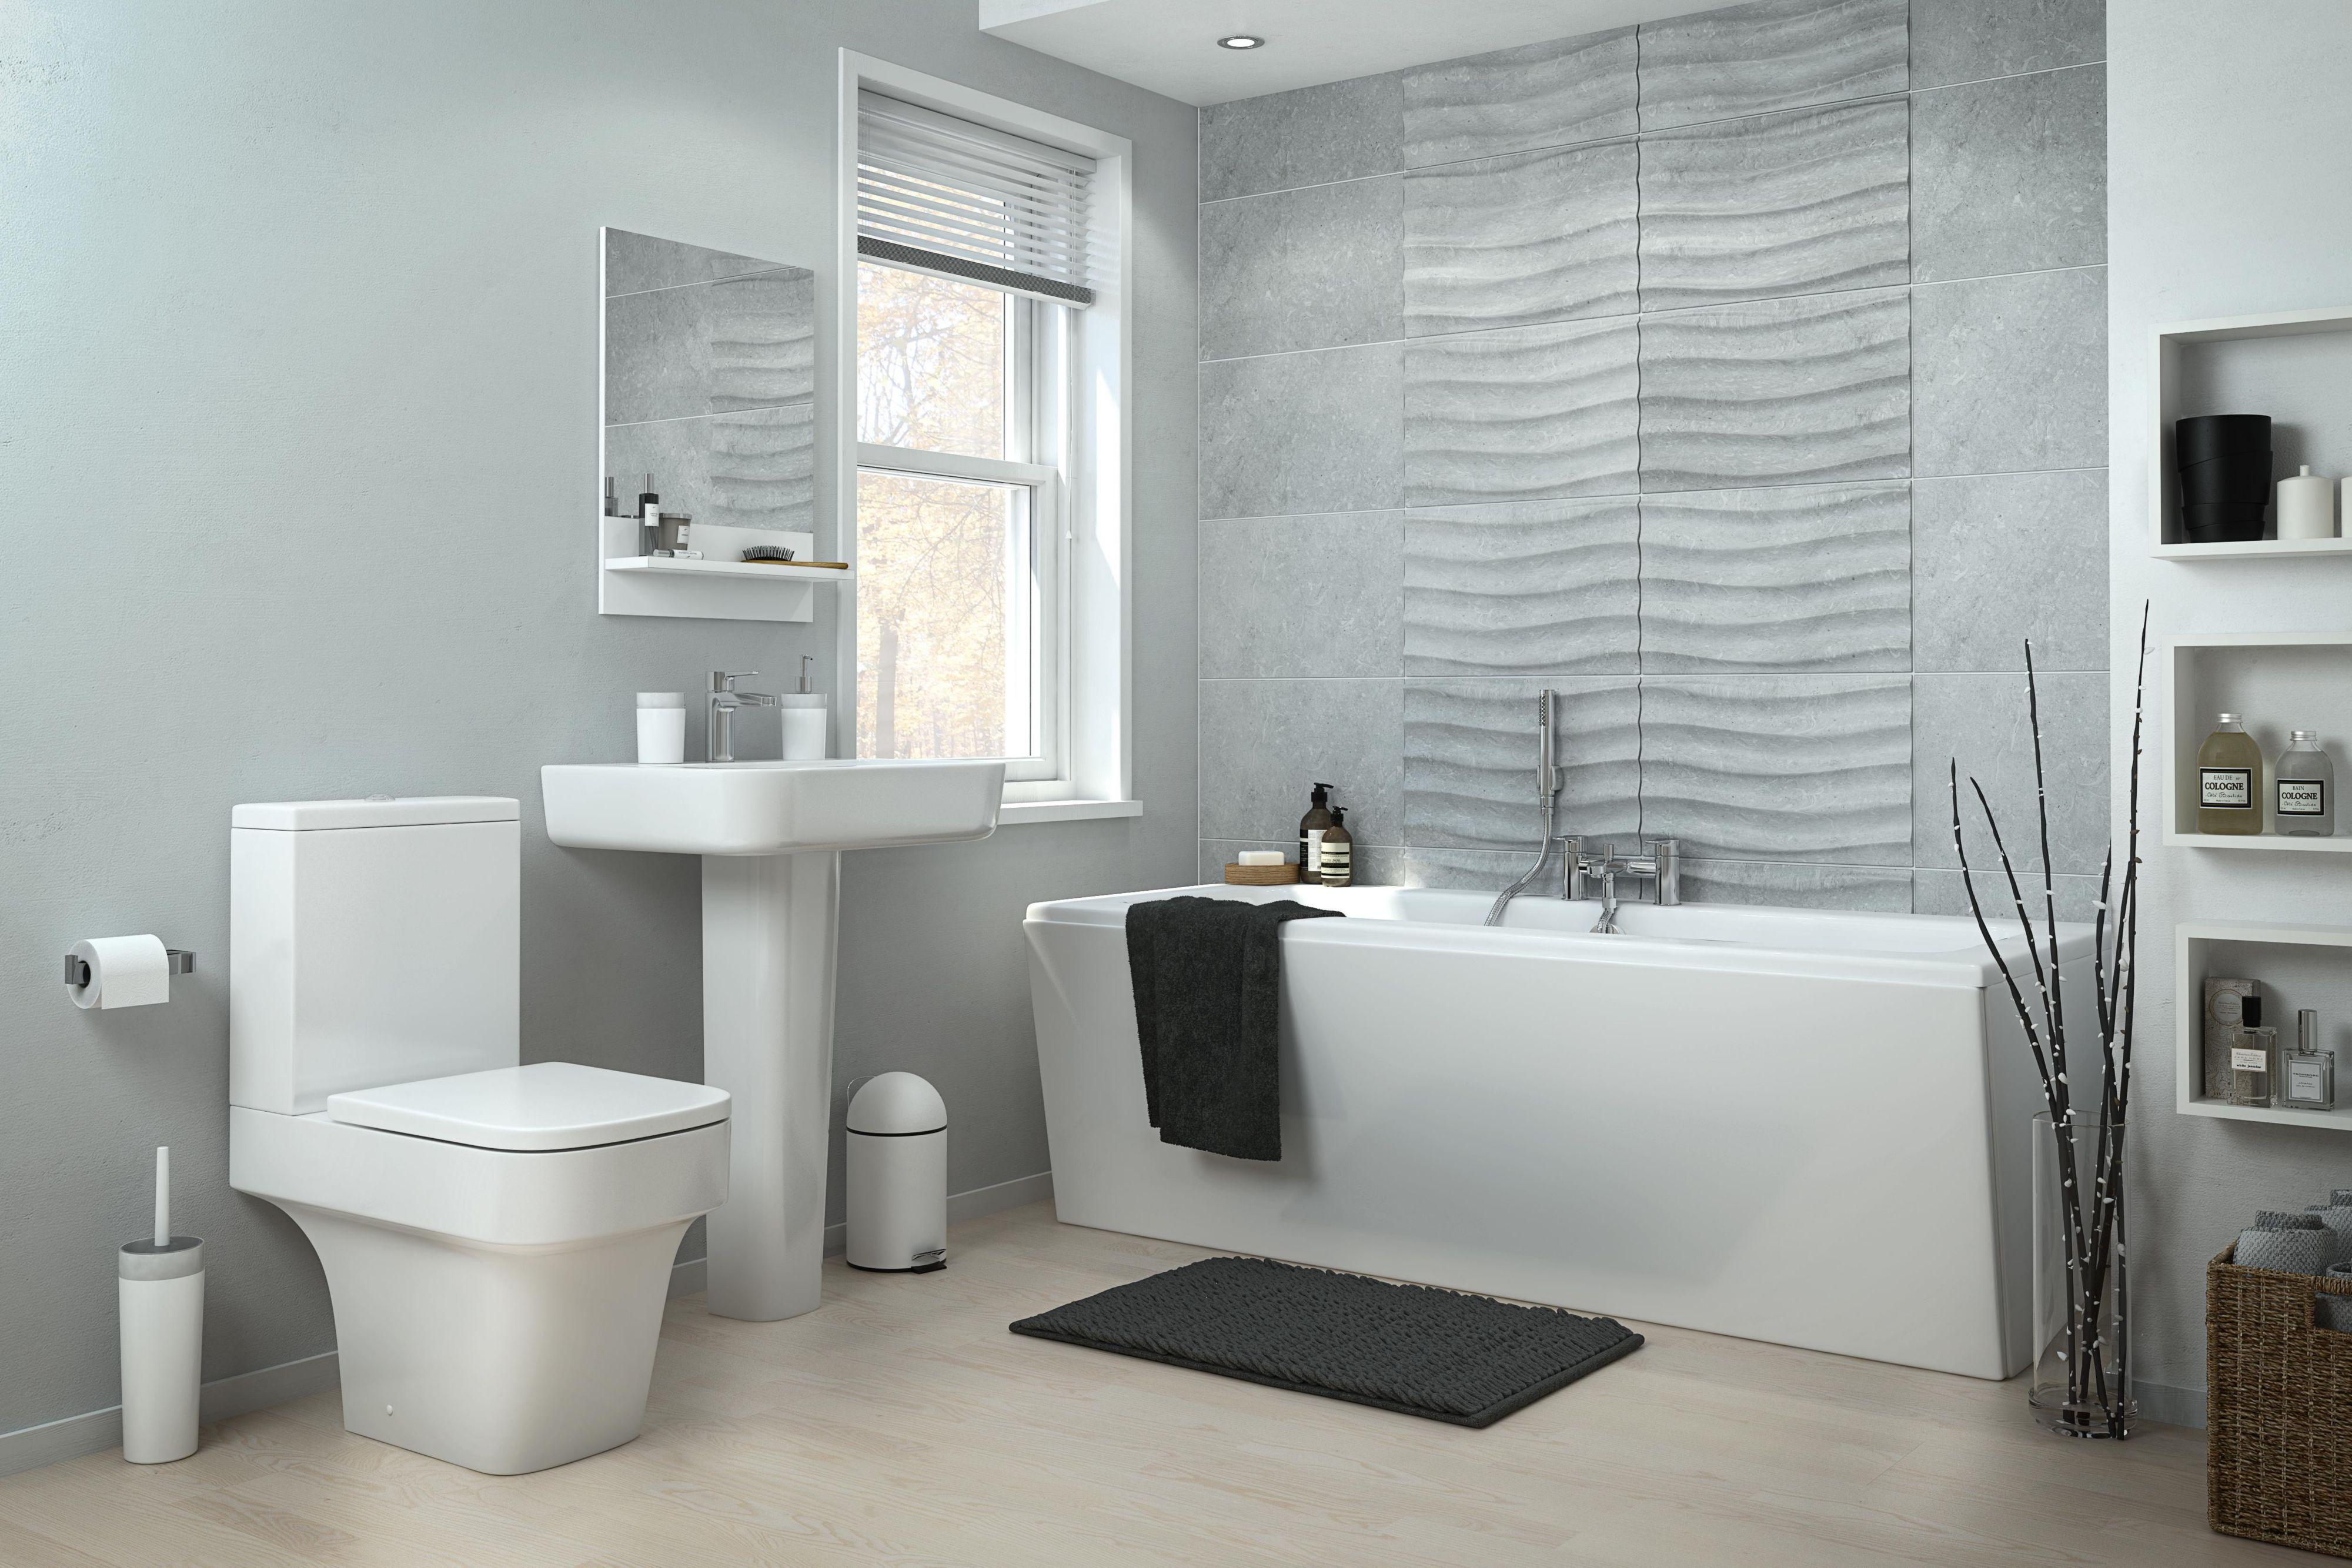 Современная ванная должна быть удобной, практичной, вмещать необходимый набор сантехники и, наконец, просто приносить радость